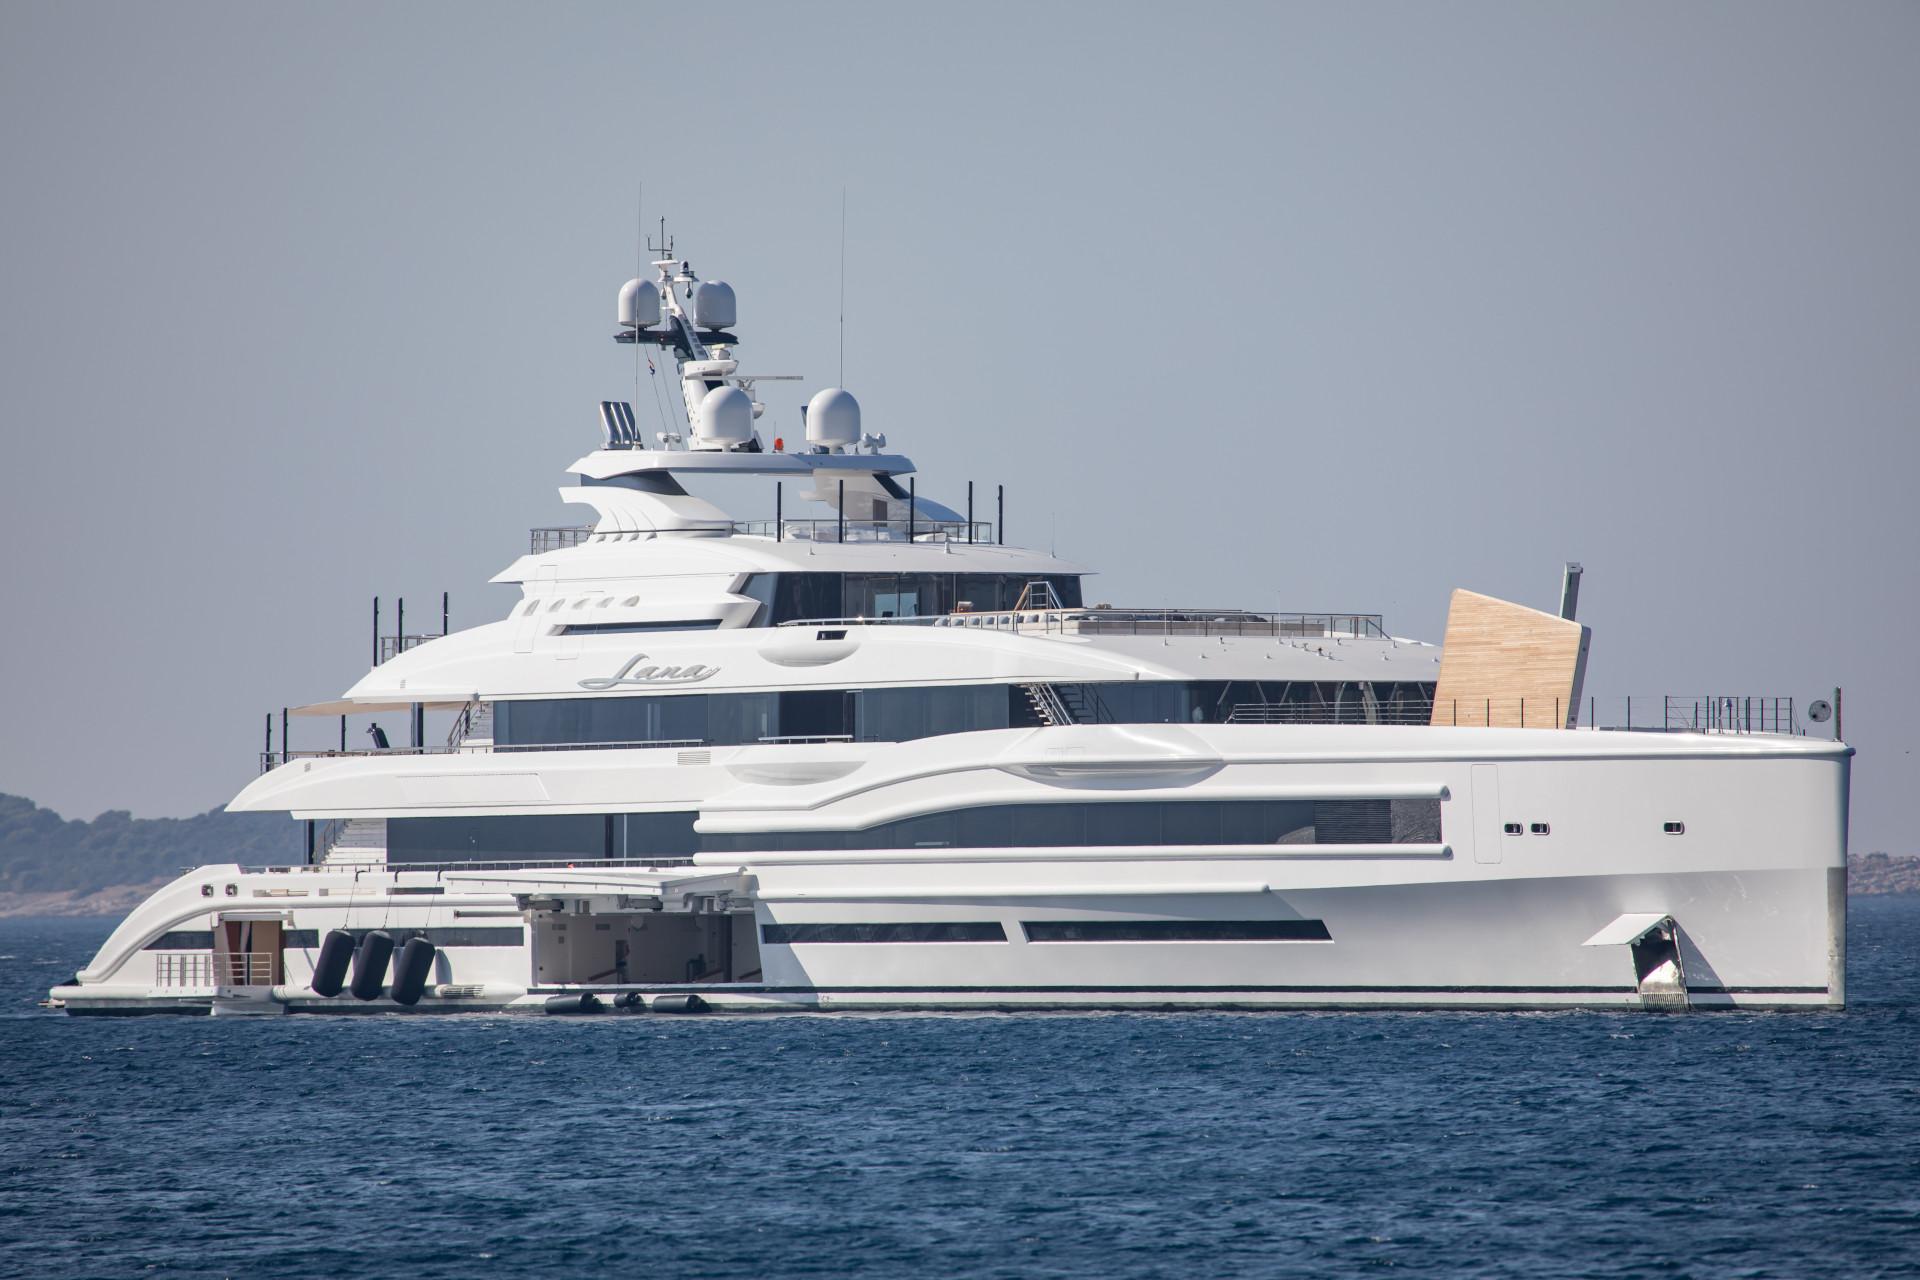 Jacht Beyonce, fot. Forum